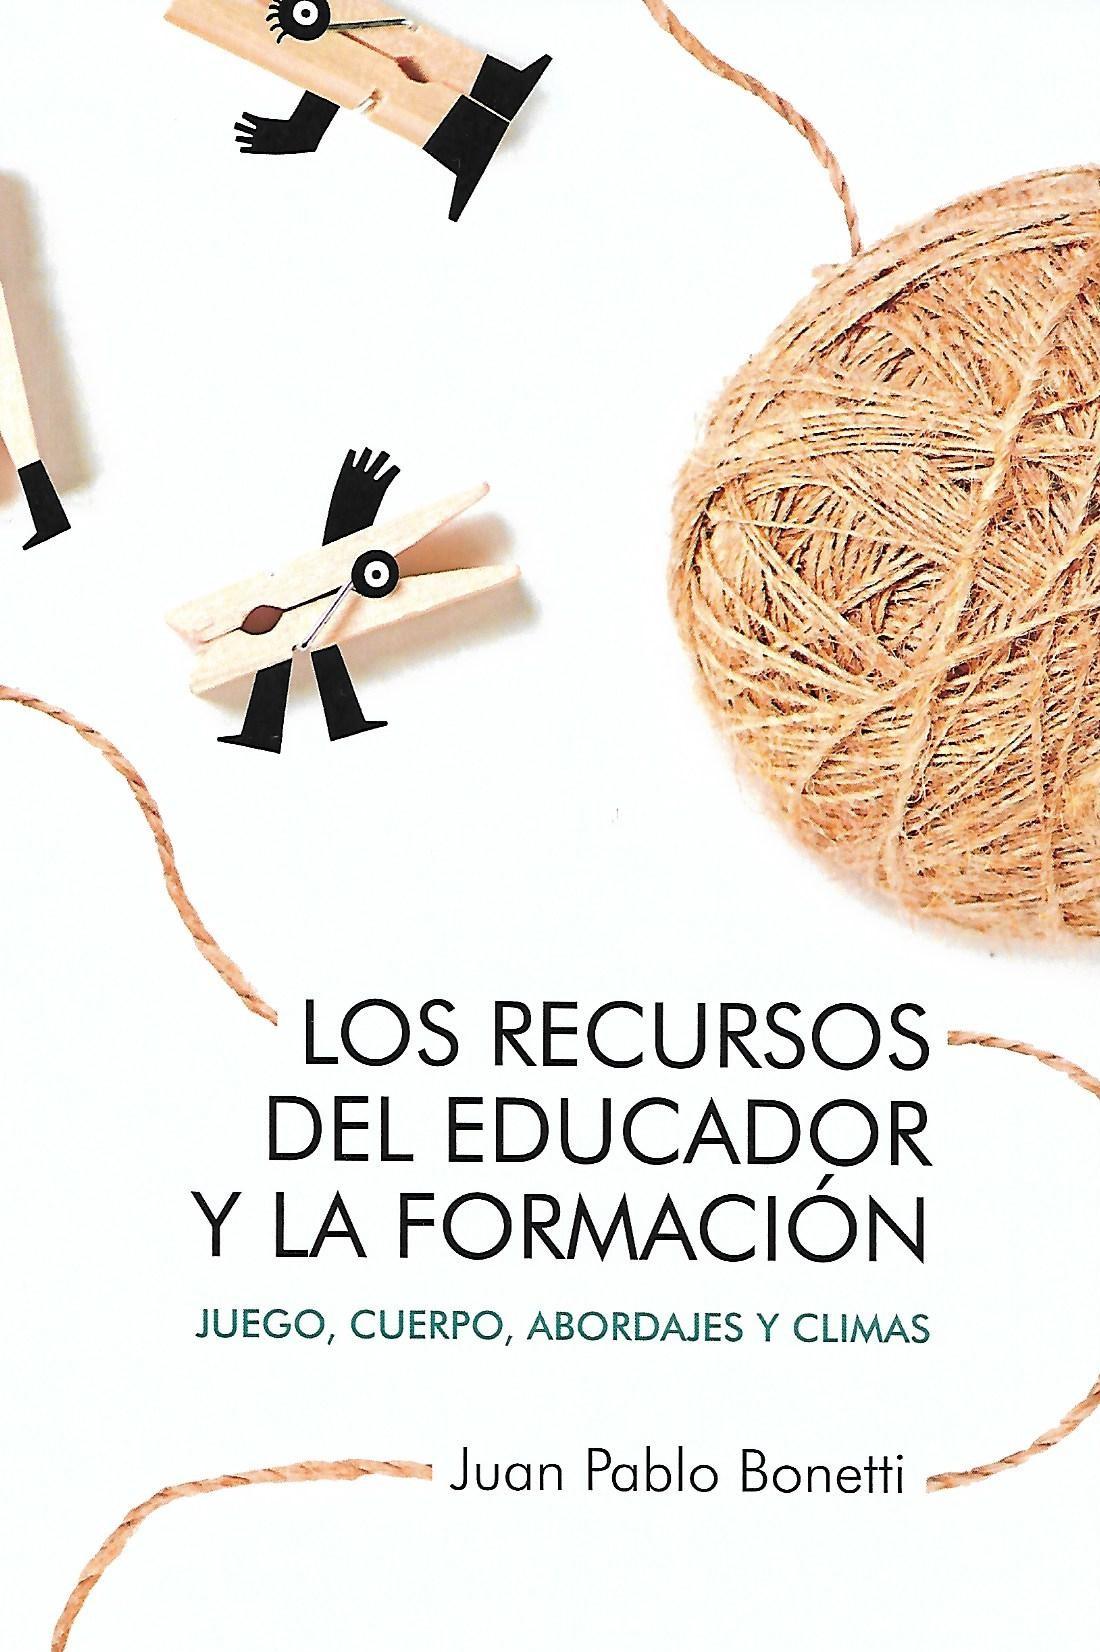 LOS RECURSOS DEL EDUCADOR: JUEGO, CUERPO, ABORDAJES Y CLIMAS - JUAN PABLO BONETTI